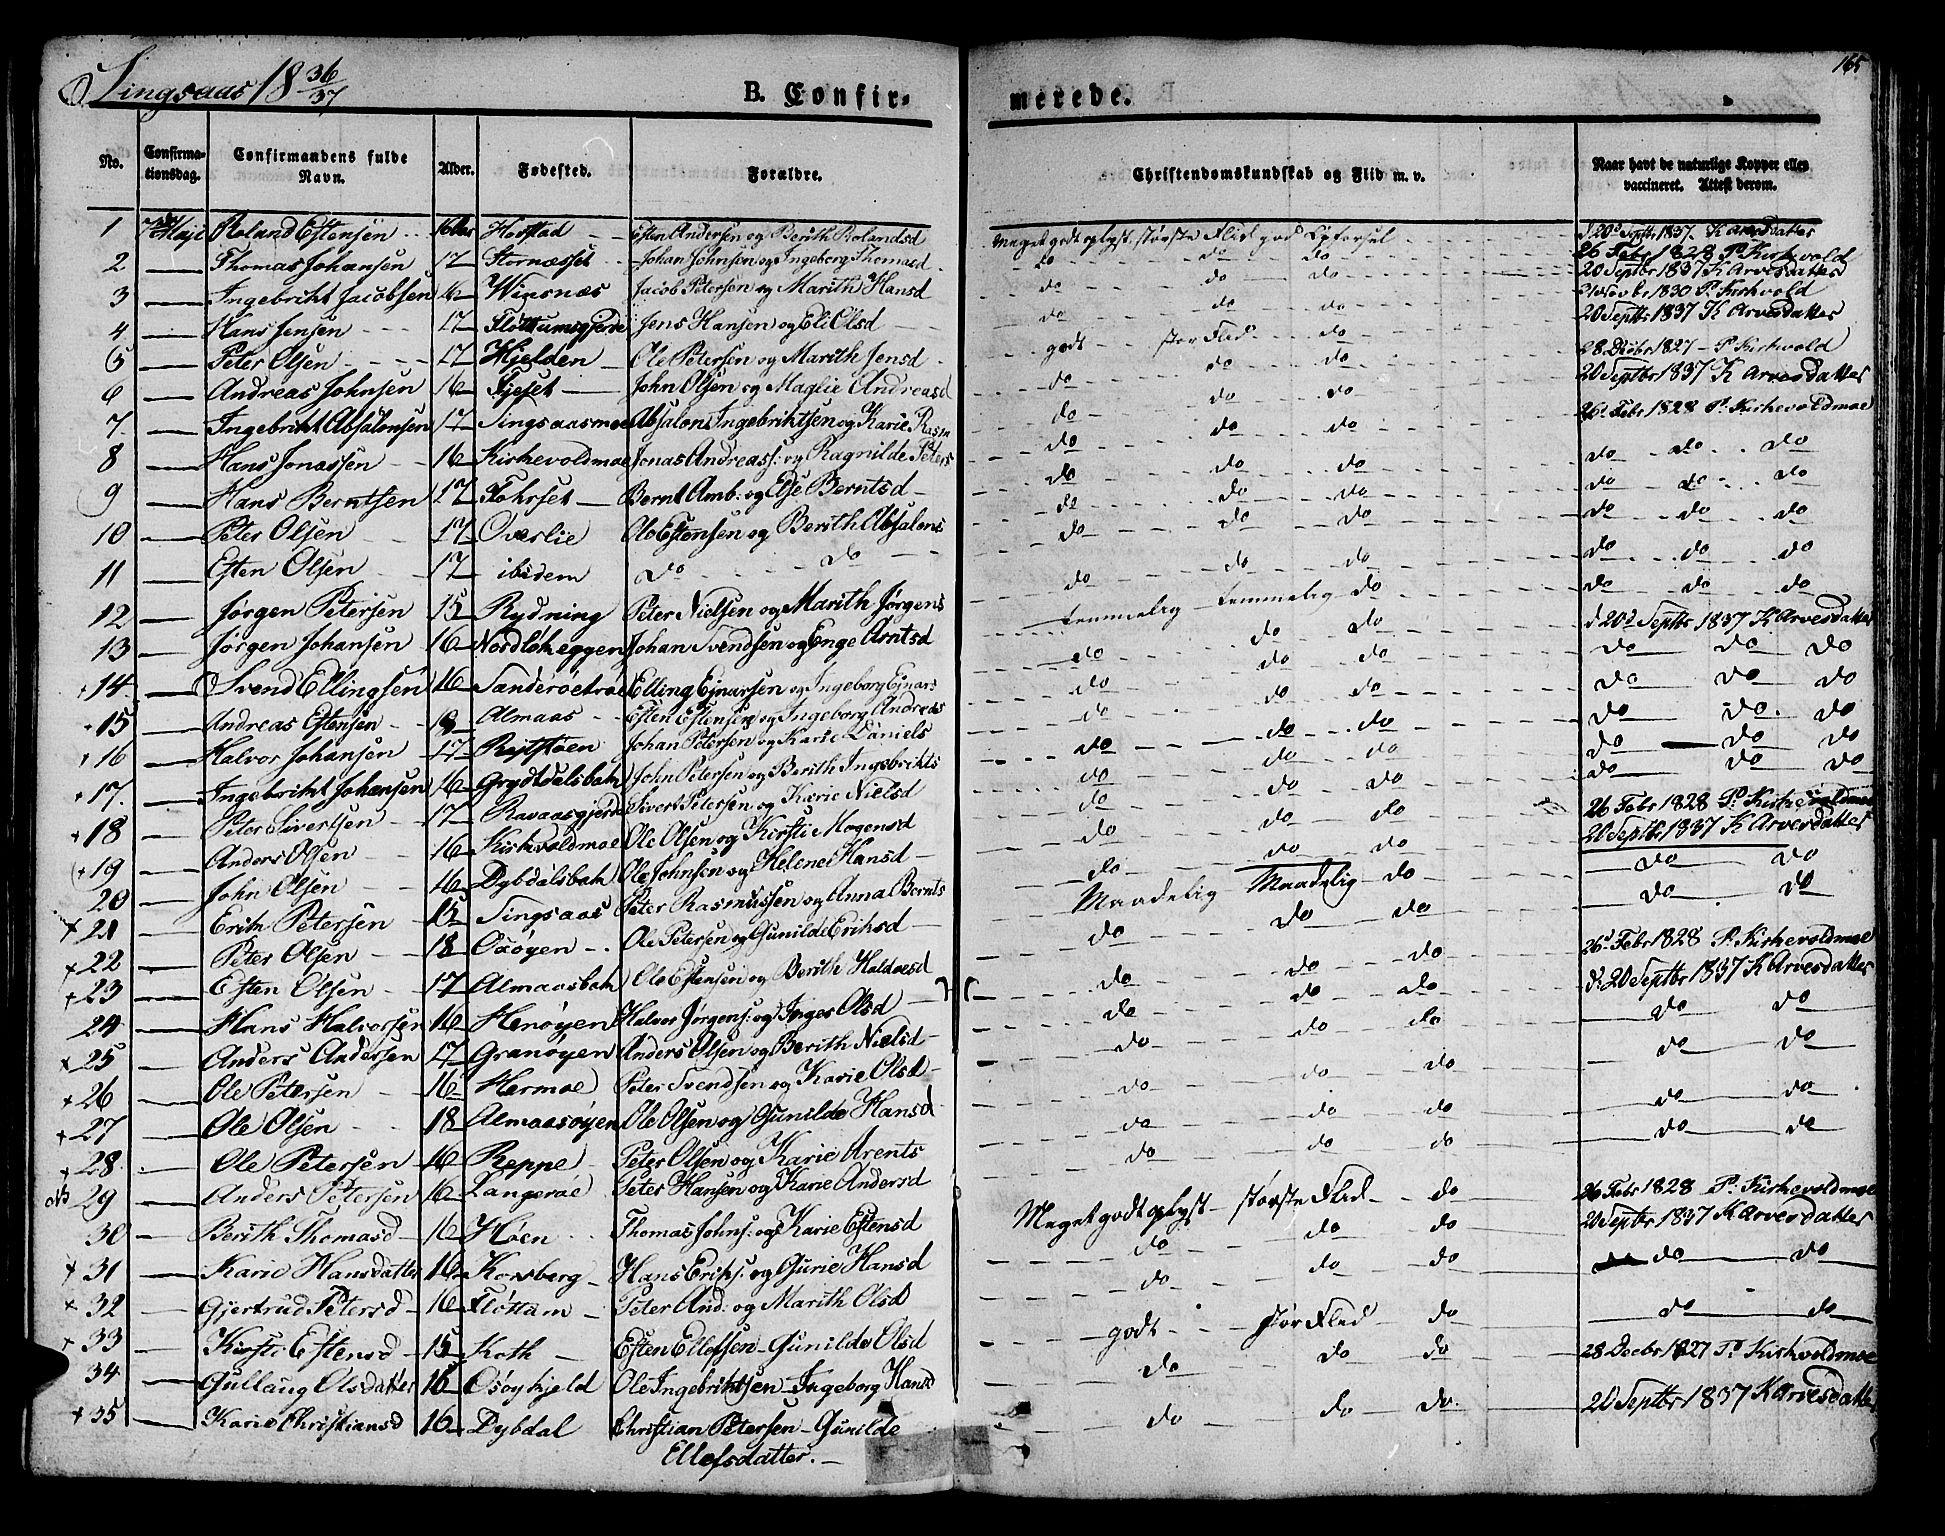 SAT, Ministerialprotokoller, klokkerbøker og fødselsregistre - Sør-Trøndelag, 685/L0958: Ministerialbok nr. 685A04 /2, 1829-1845, s. 165